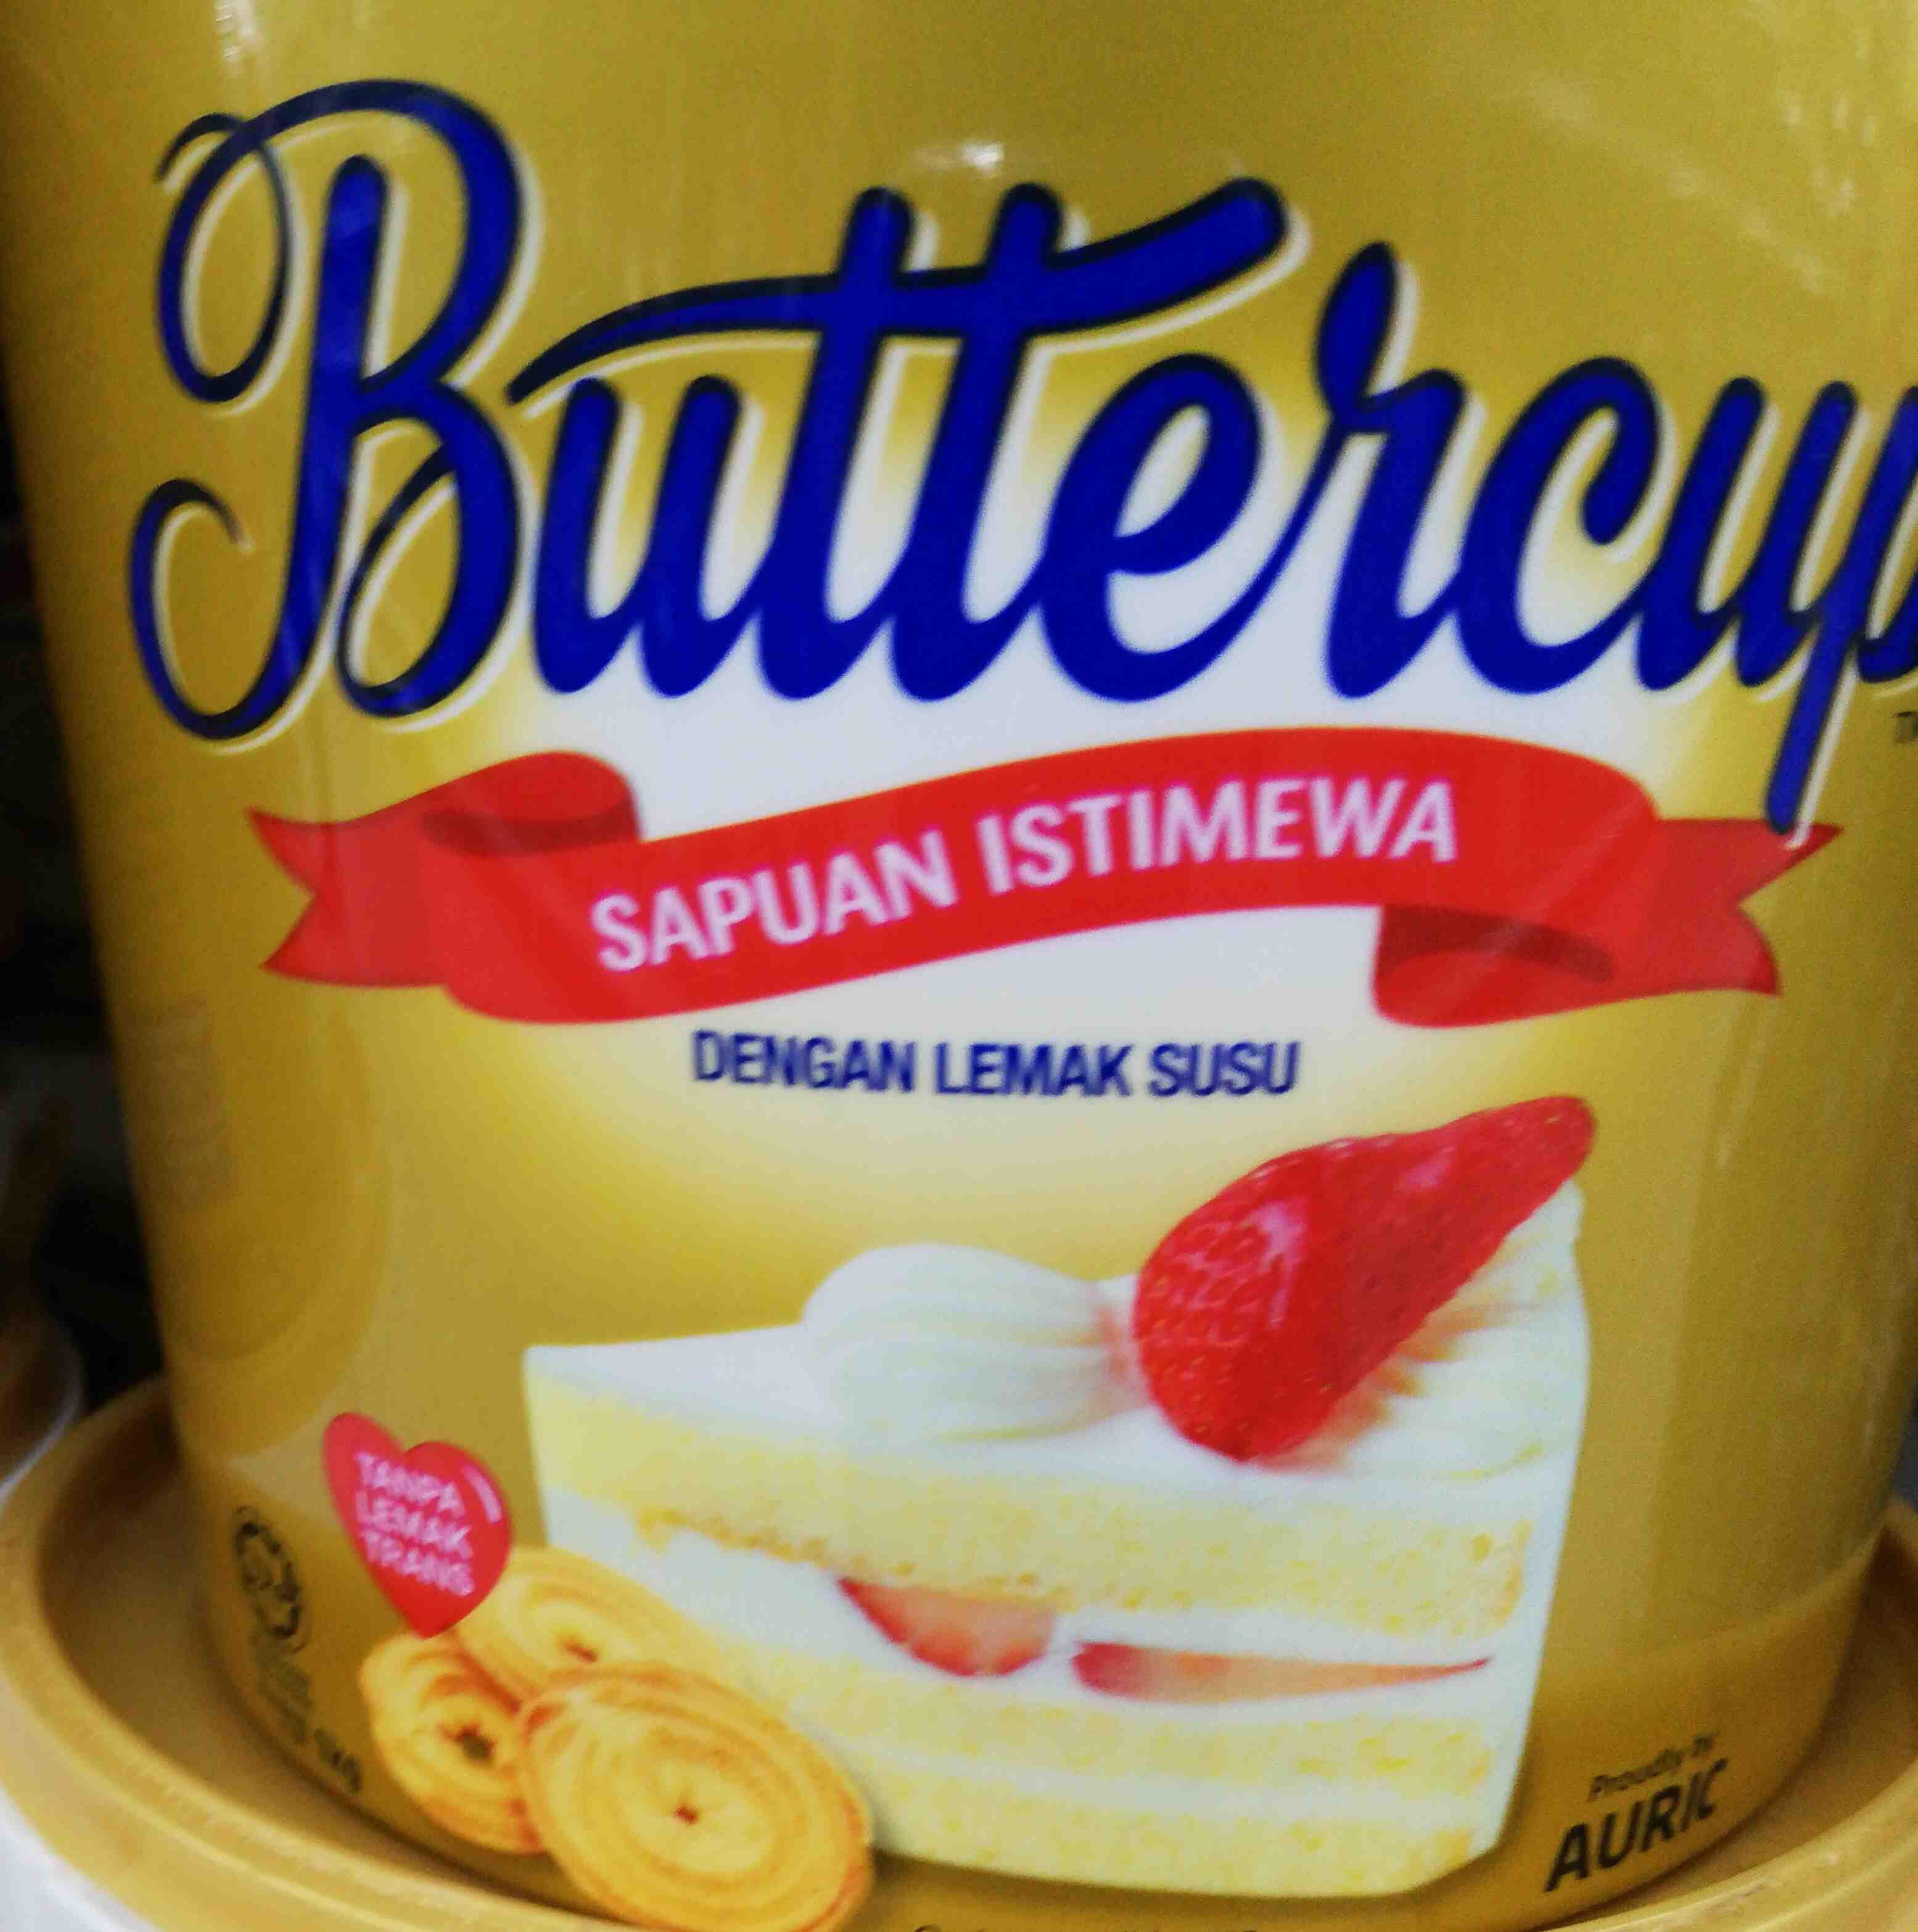 buttercup - Product - en